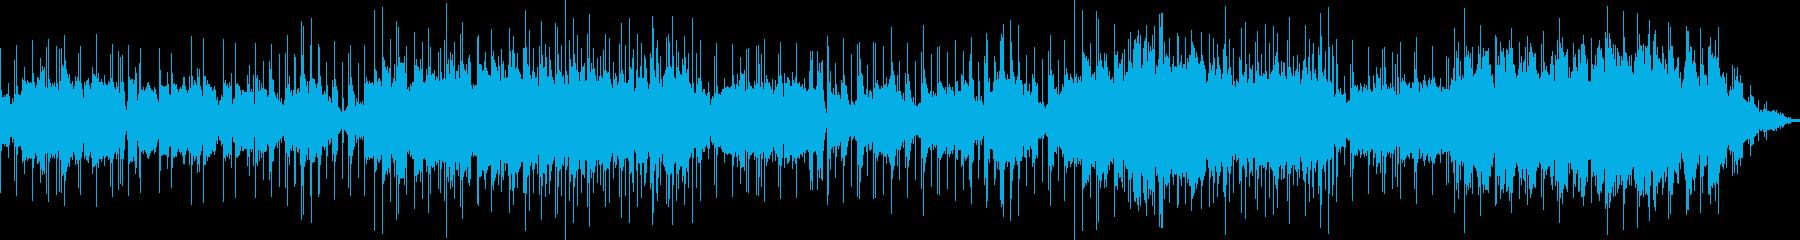 スローポップリチャードクレイダーマ...の再生済みの波形